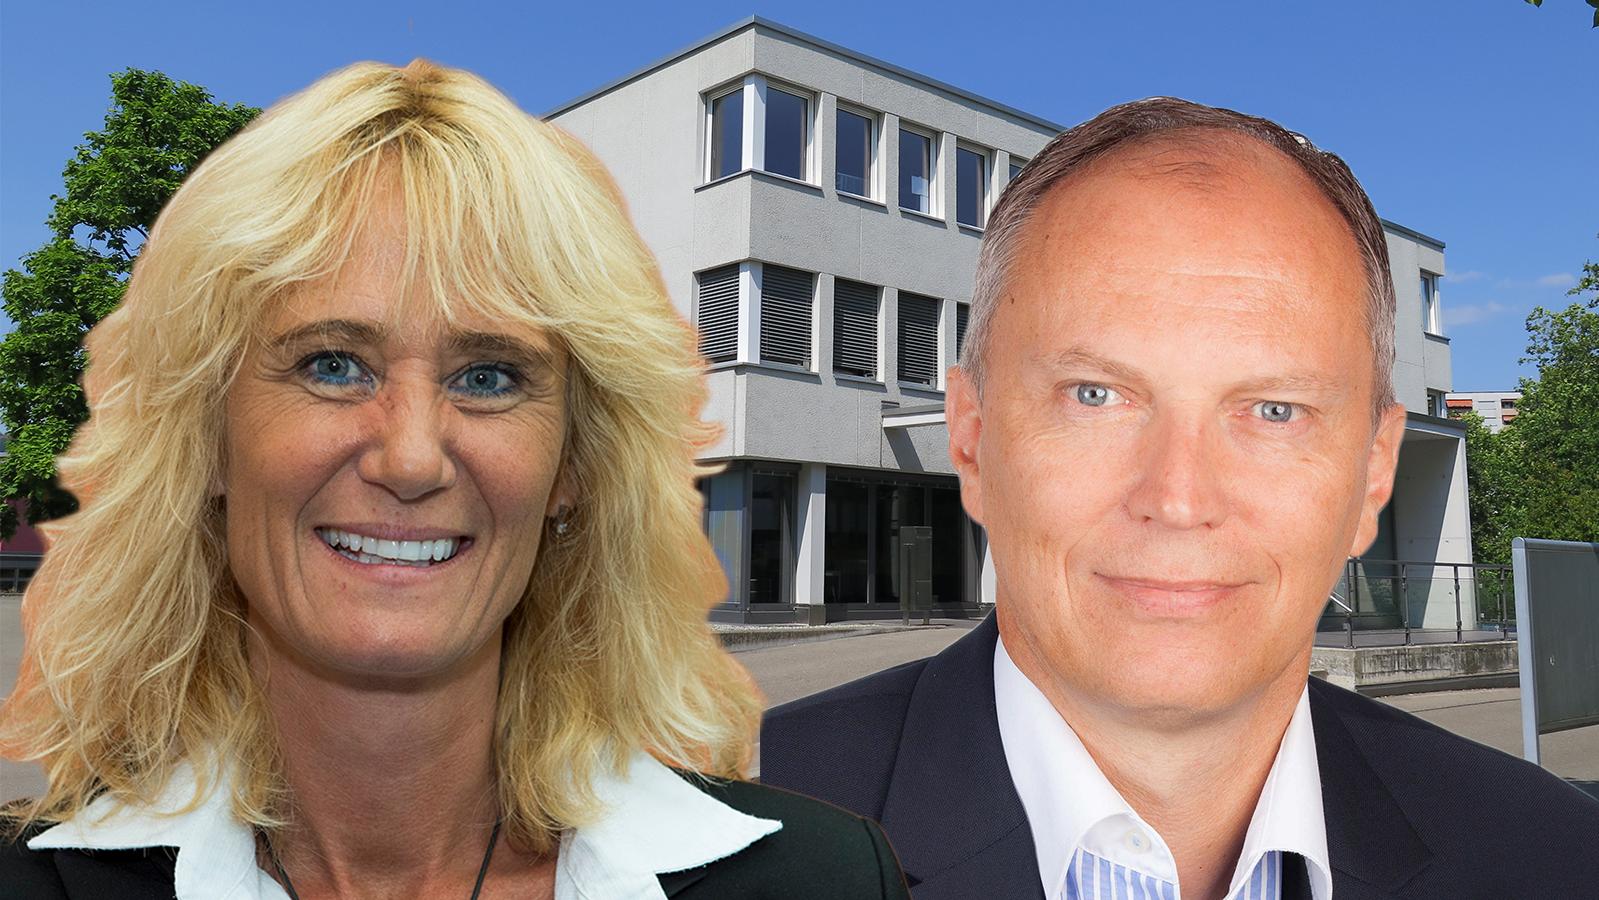 Susanne Voser (CVP) und Andreas Muff (parteilos) haben ihre Demissionen aus dem Gemeinderat eingereicht.